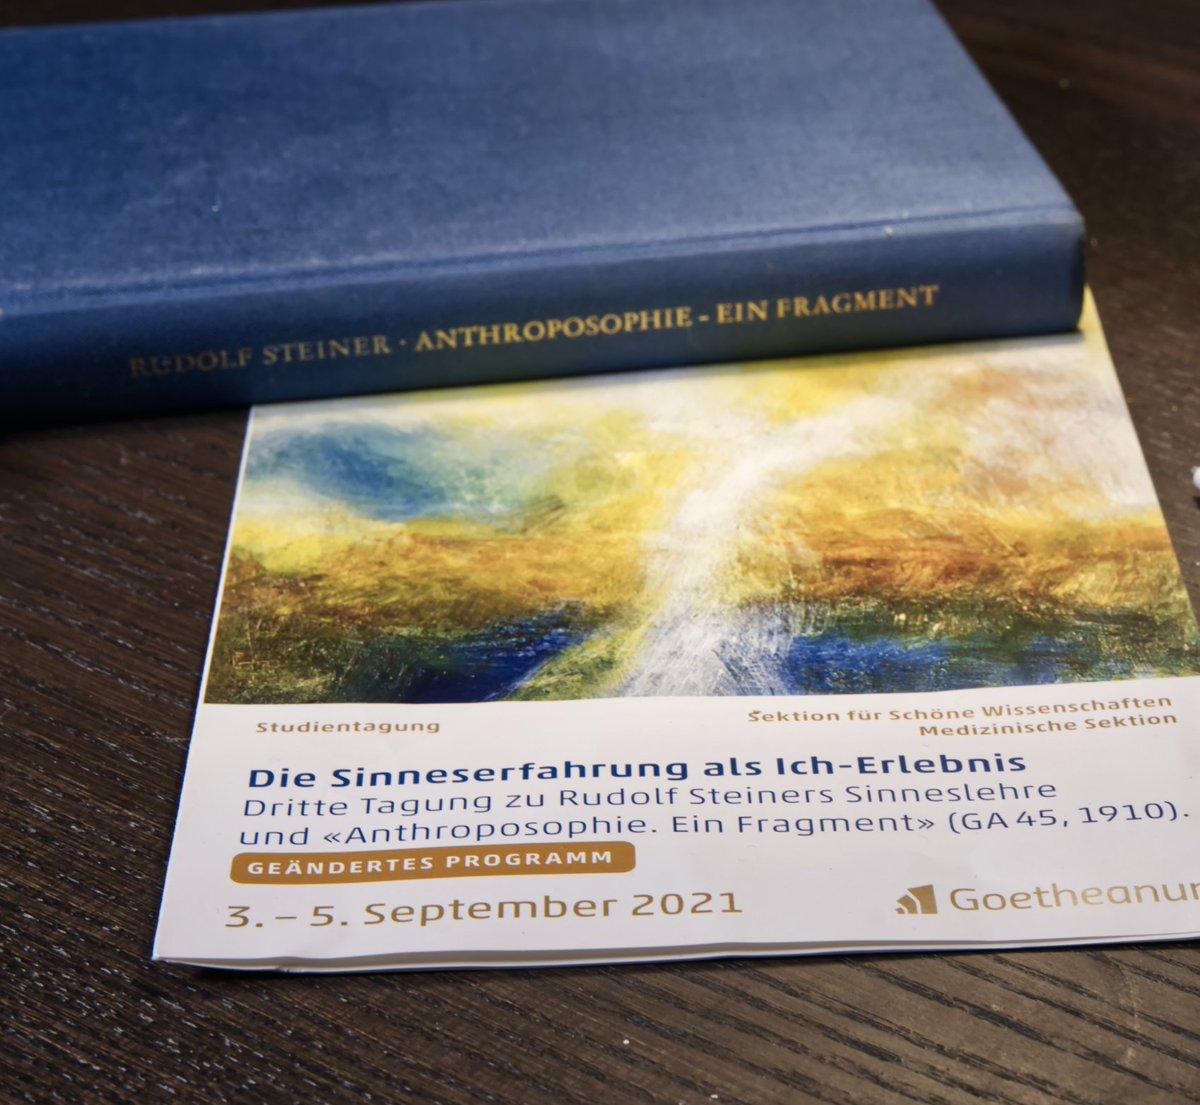 Heute beginnt die Tagung der Sektion für Schöne Wissenschaften: Die Sinneserfahrung als Ich-Erlebnis Zu Rudolf Steiners Sinneslehre und «Anthroposophie. Ein Fragment»  Anmeldung und Programm: https://t.co/ZOkyU2dKUX https://t.co/gxAdMrllUk